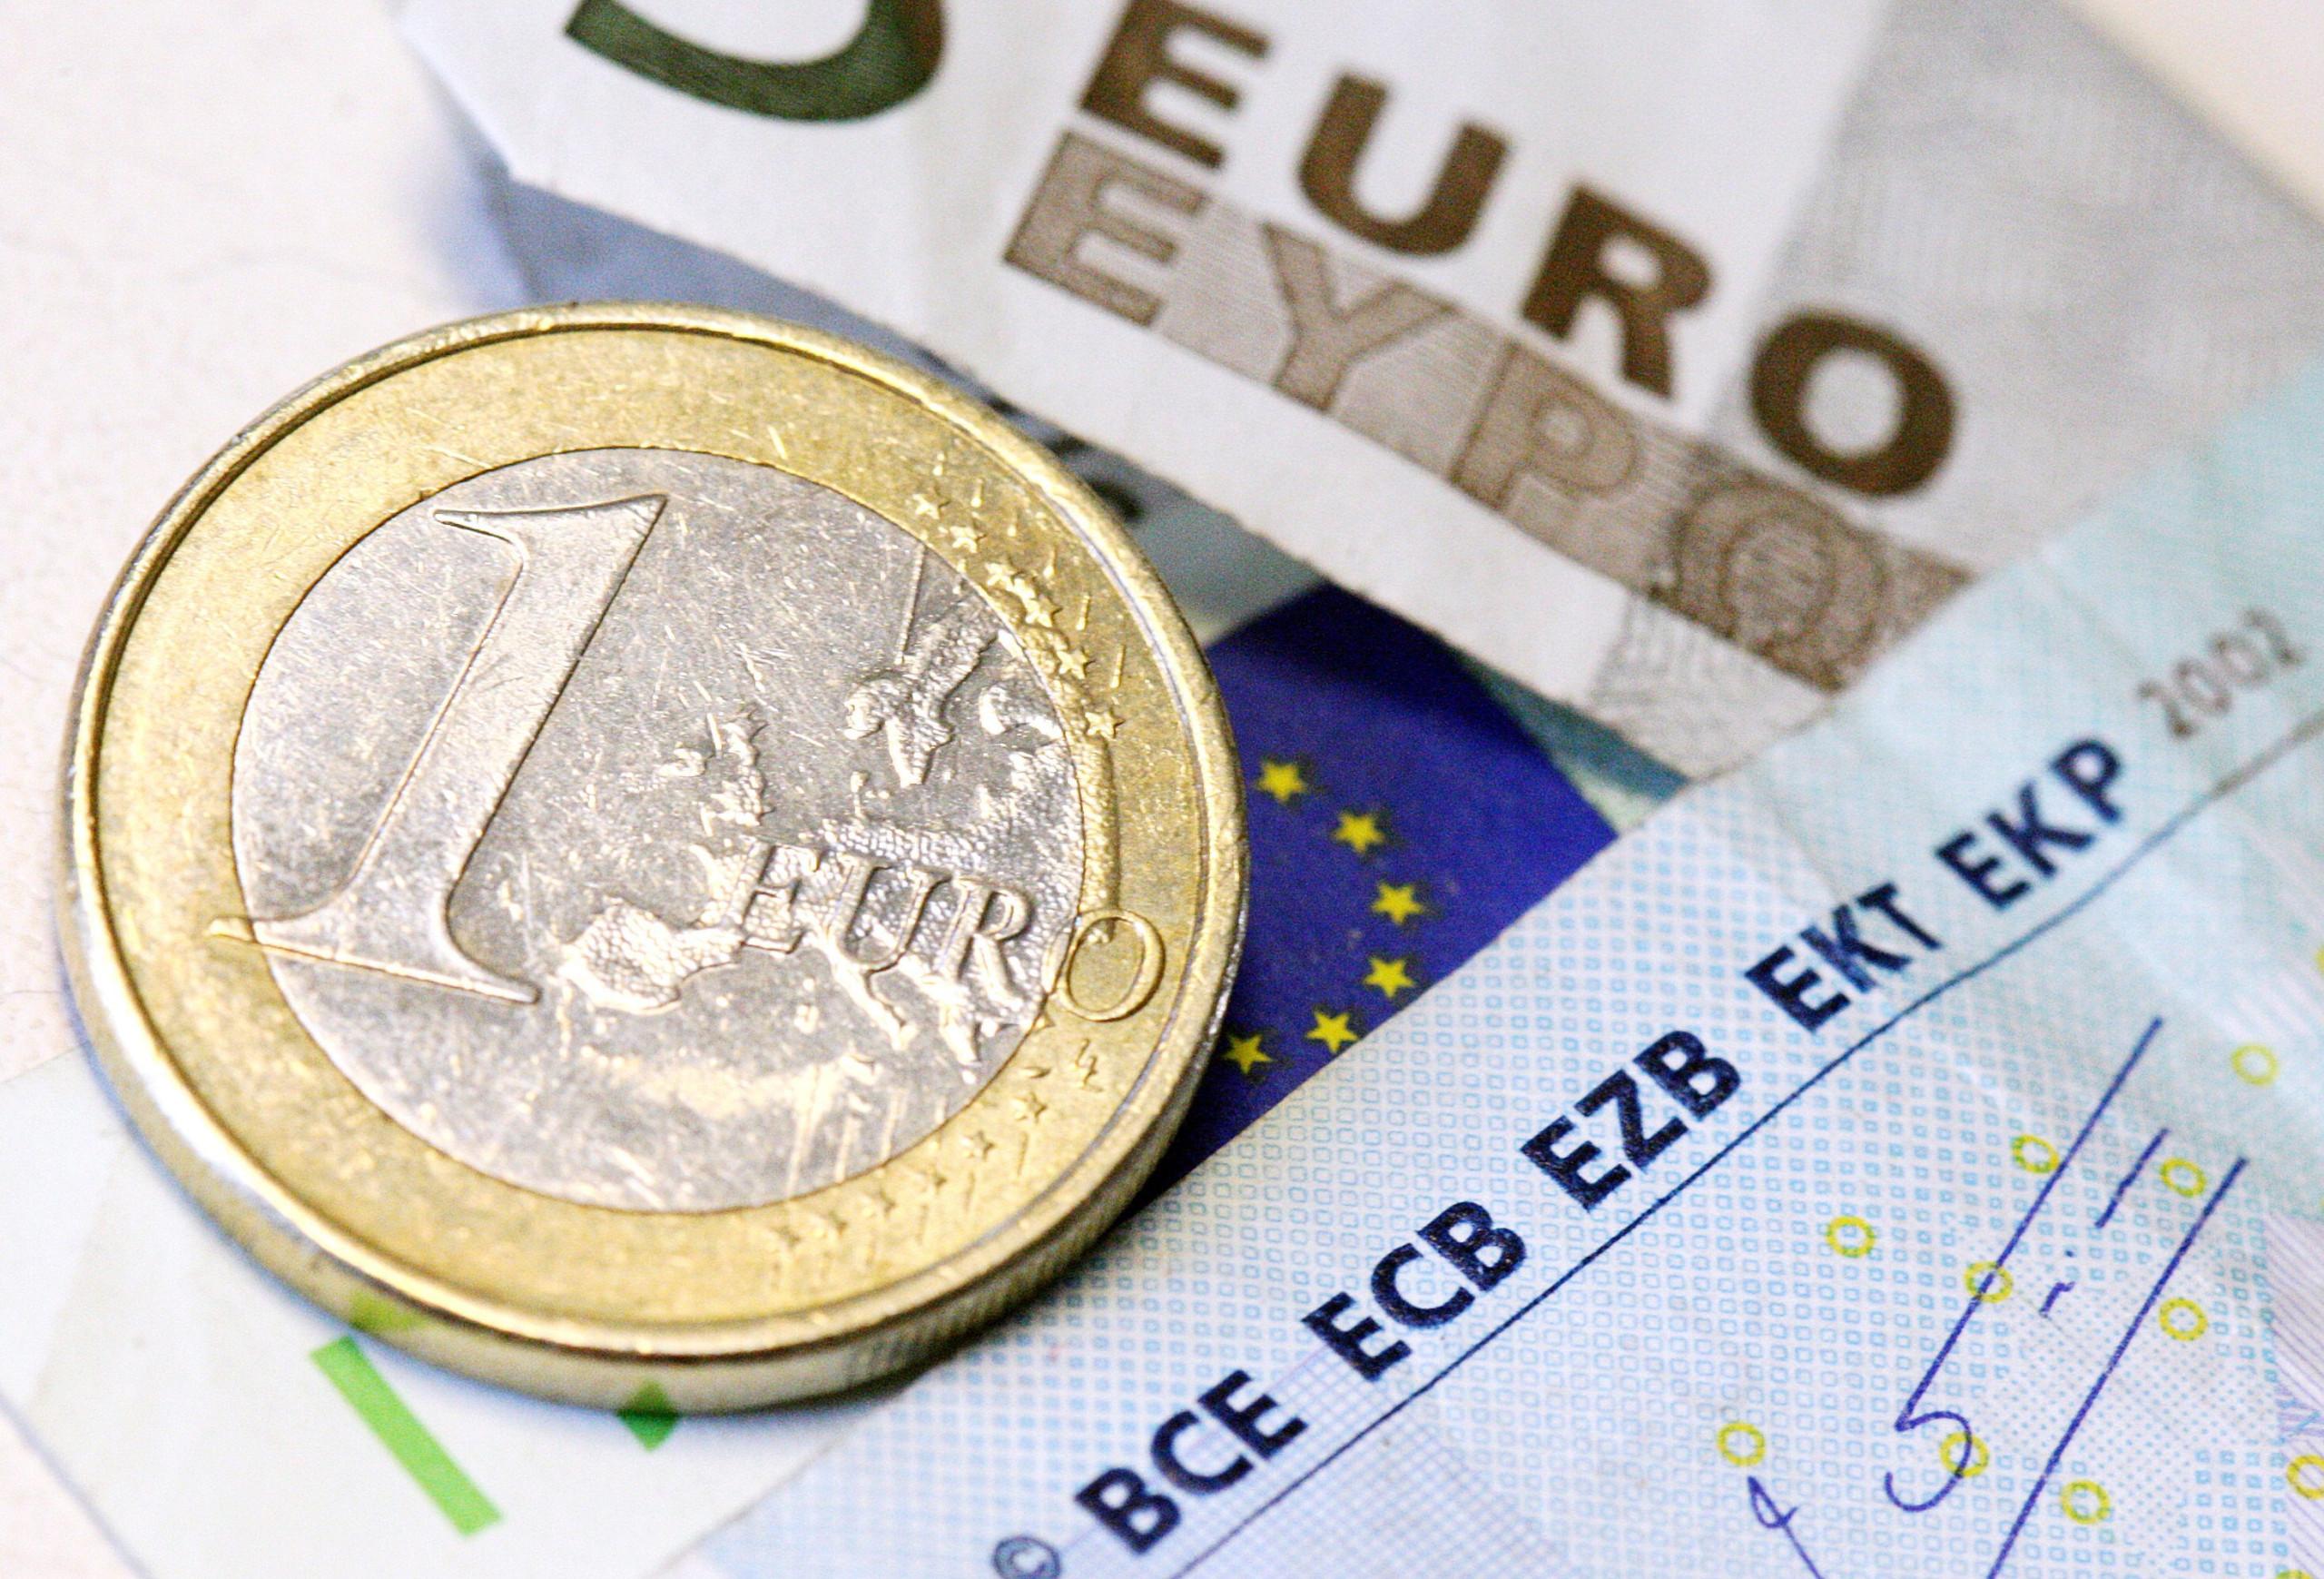 Apoio sustentado às artes sobe aos 85 milhões de euros até 2021